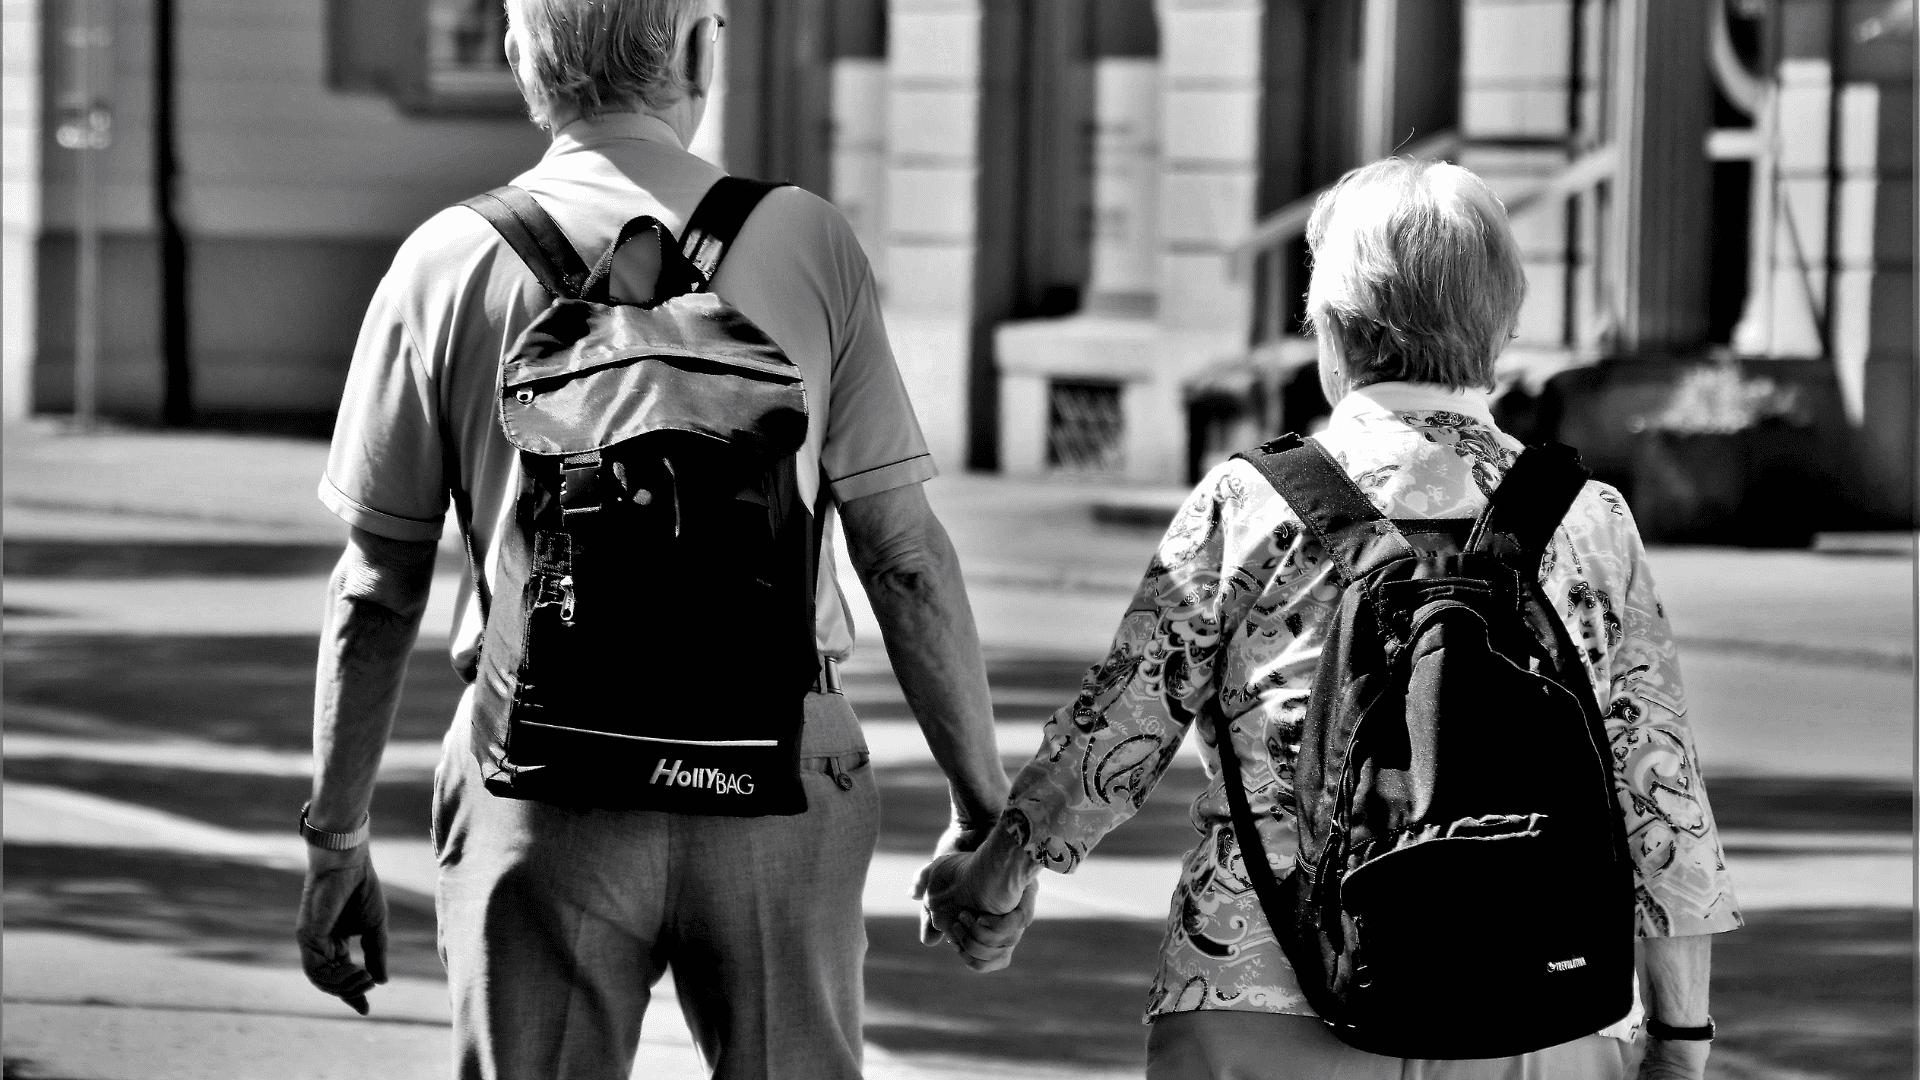 hire-a-car-senioren hand in hand in schwarz weiss